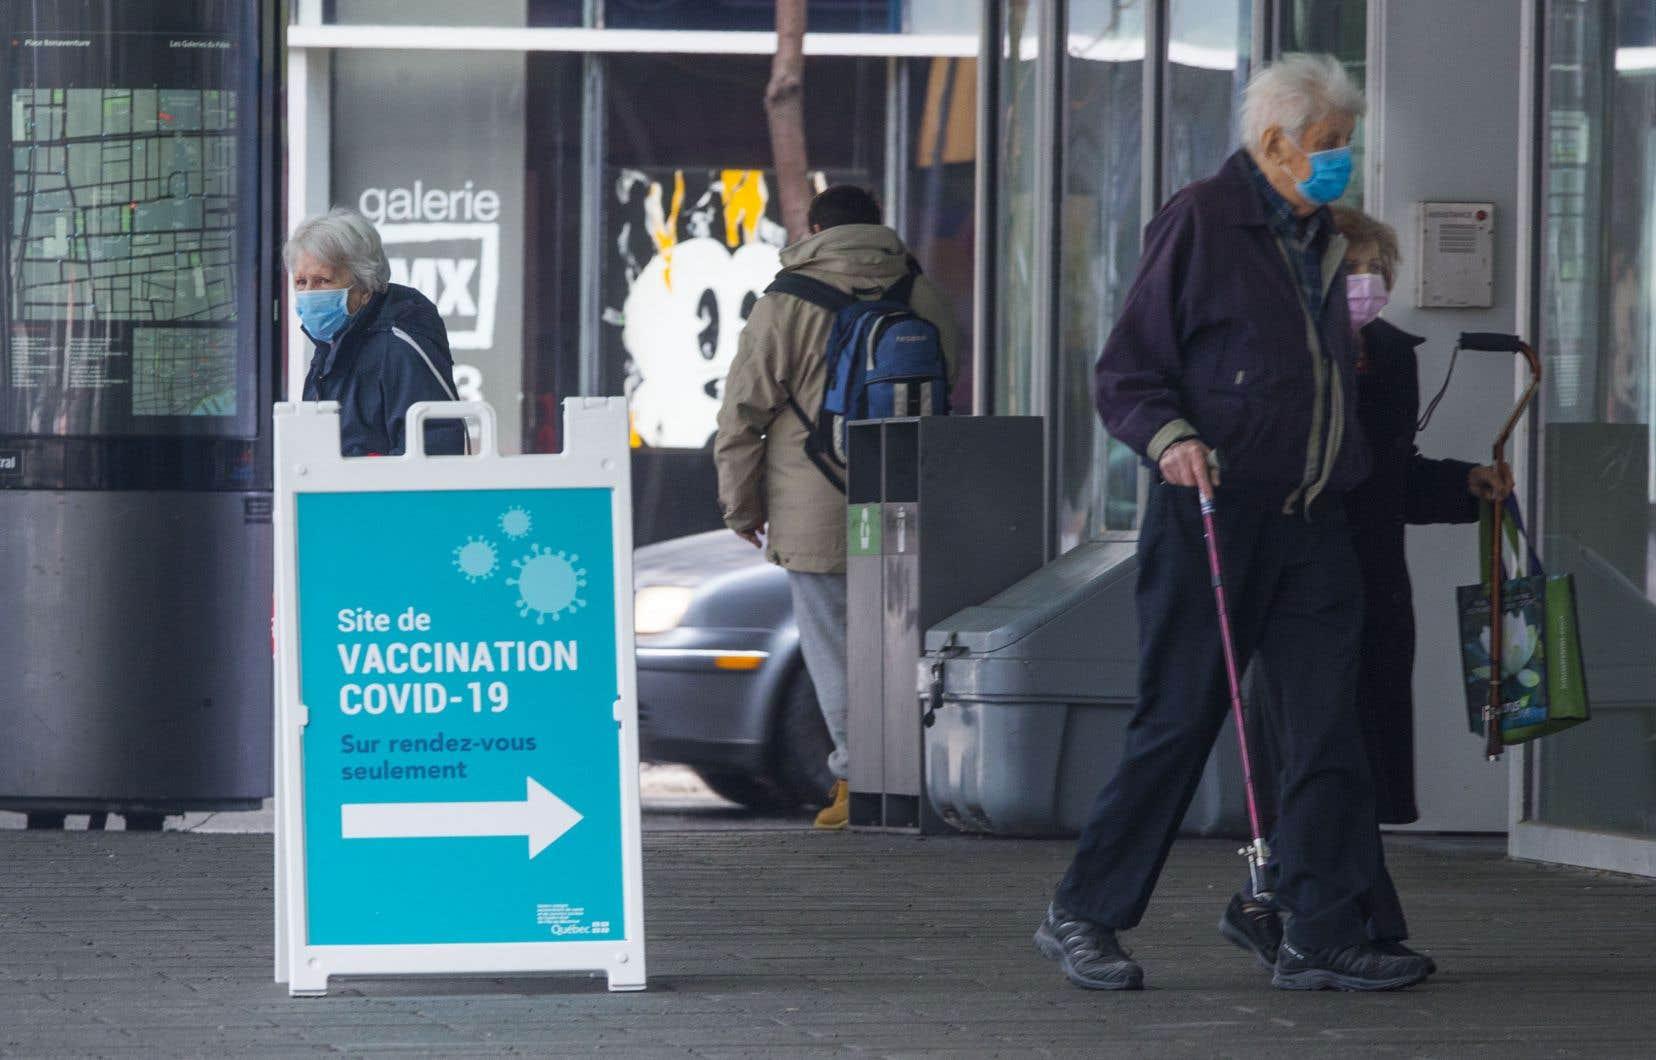 Lors de la vaccination, l'accompagnateur d'une personne âgée pourrait se faire vacciner en même temps qu'elle, s'il est âgé de 70 ans et plus et s'il est présent trois jours par semaine ou plus en soutien à son proche.